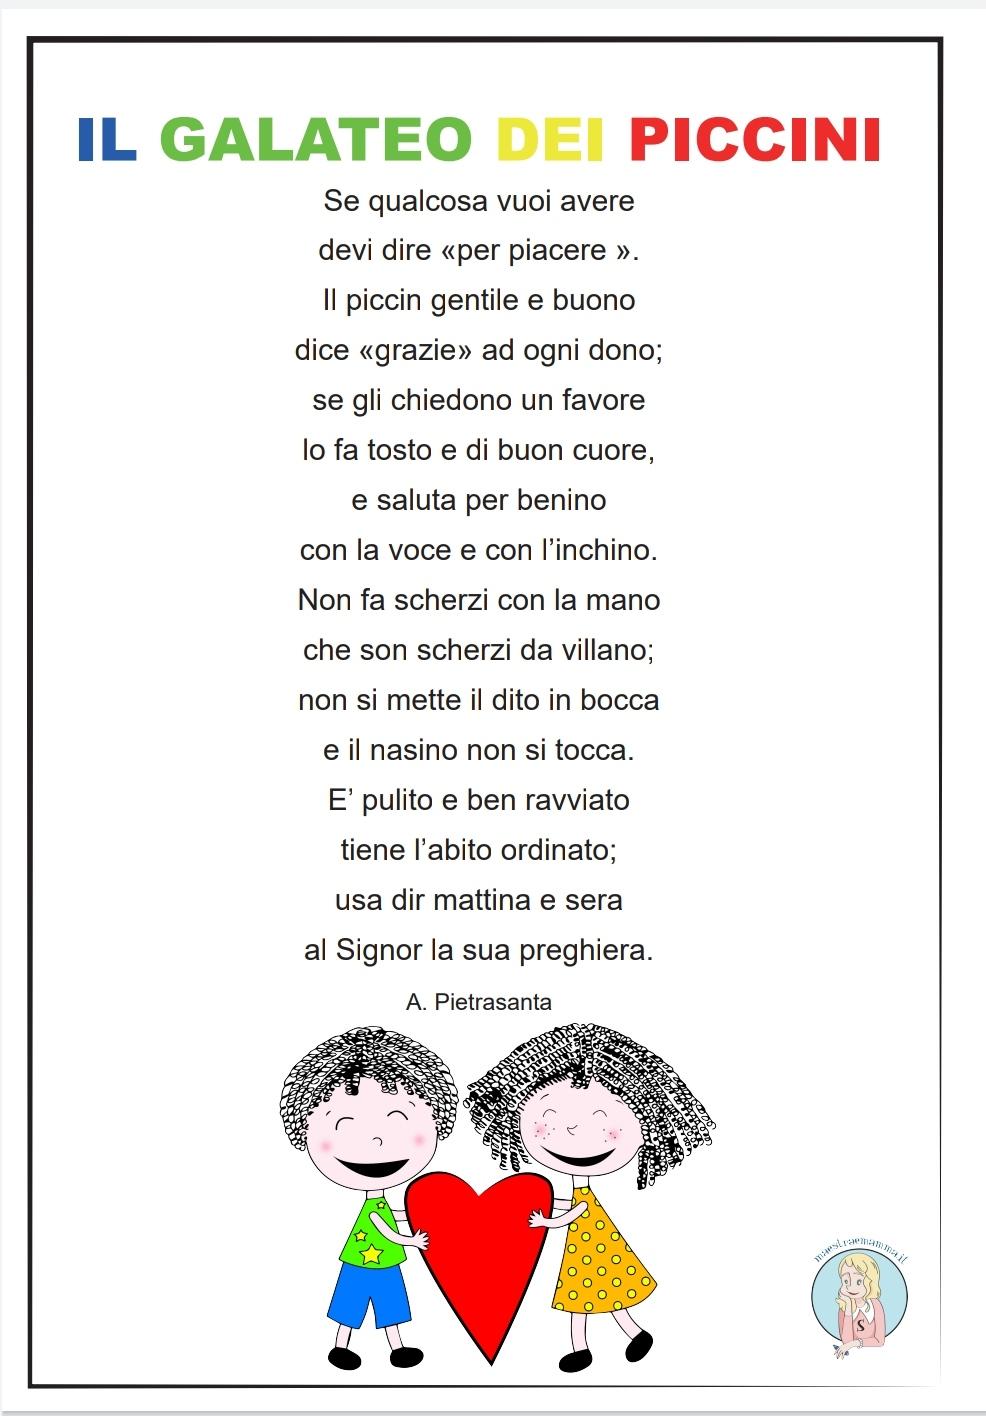 Il galateo dei piccini – poesia sulla gentilezza scuola primaria